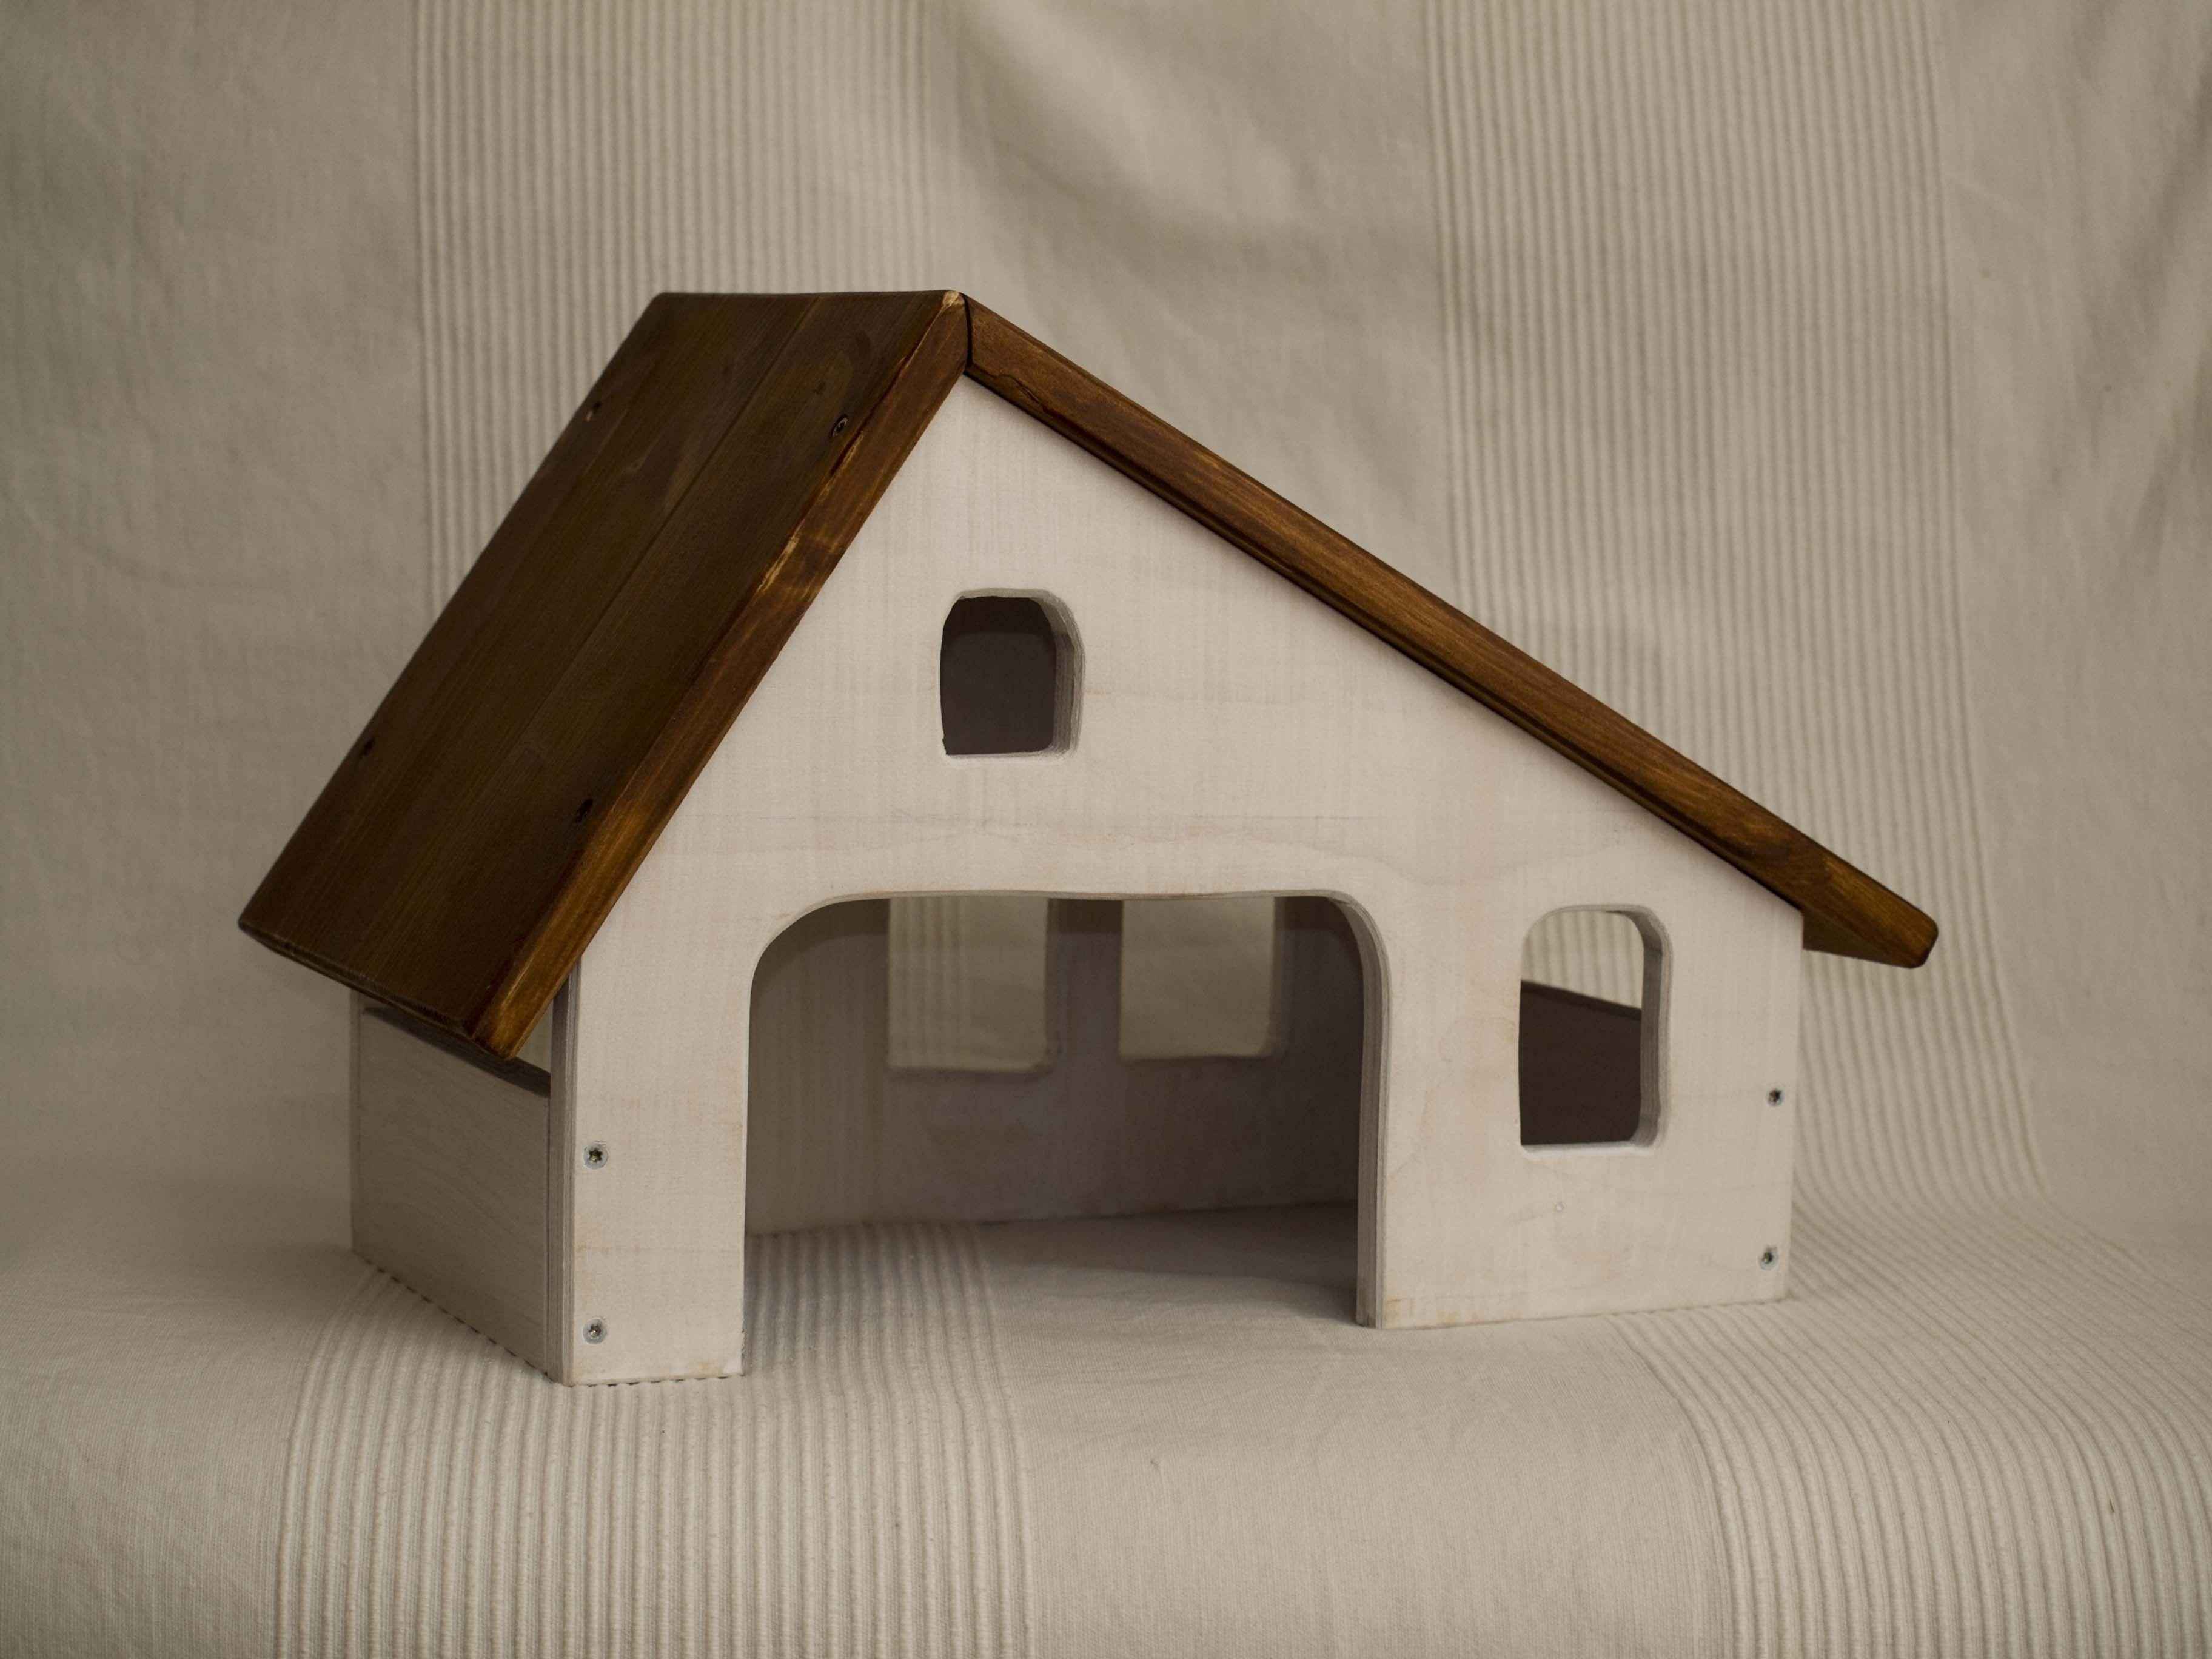 bauernhof selber bauen swalif. Black Bedroom Furniture Sets. Home Design Ideas